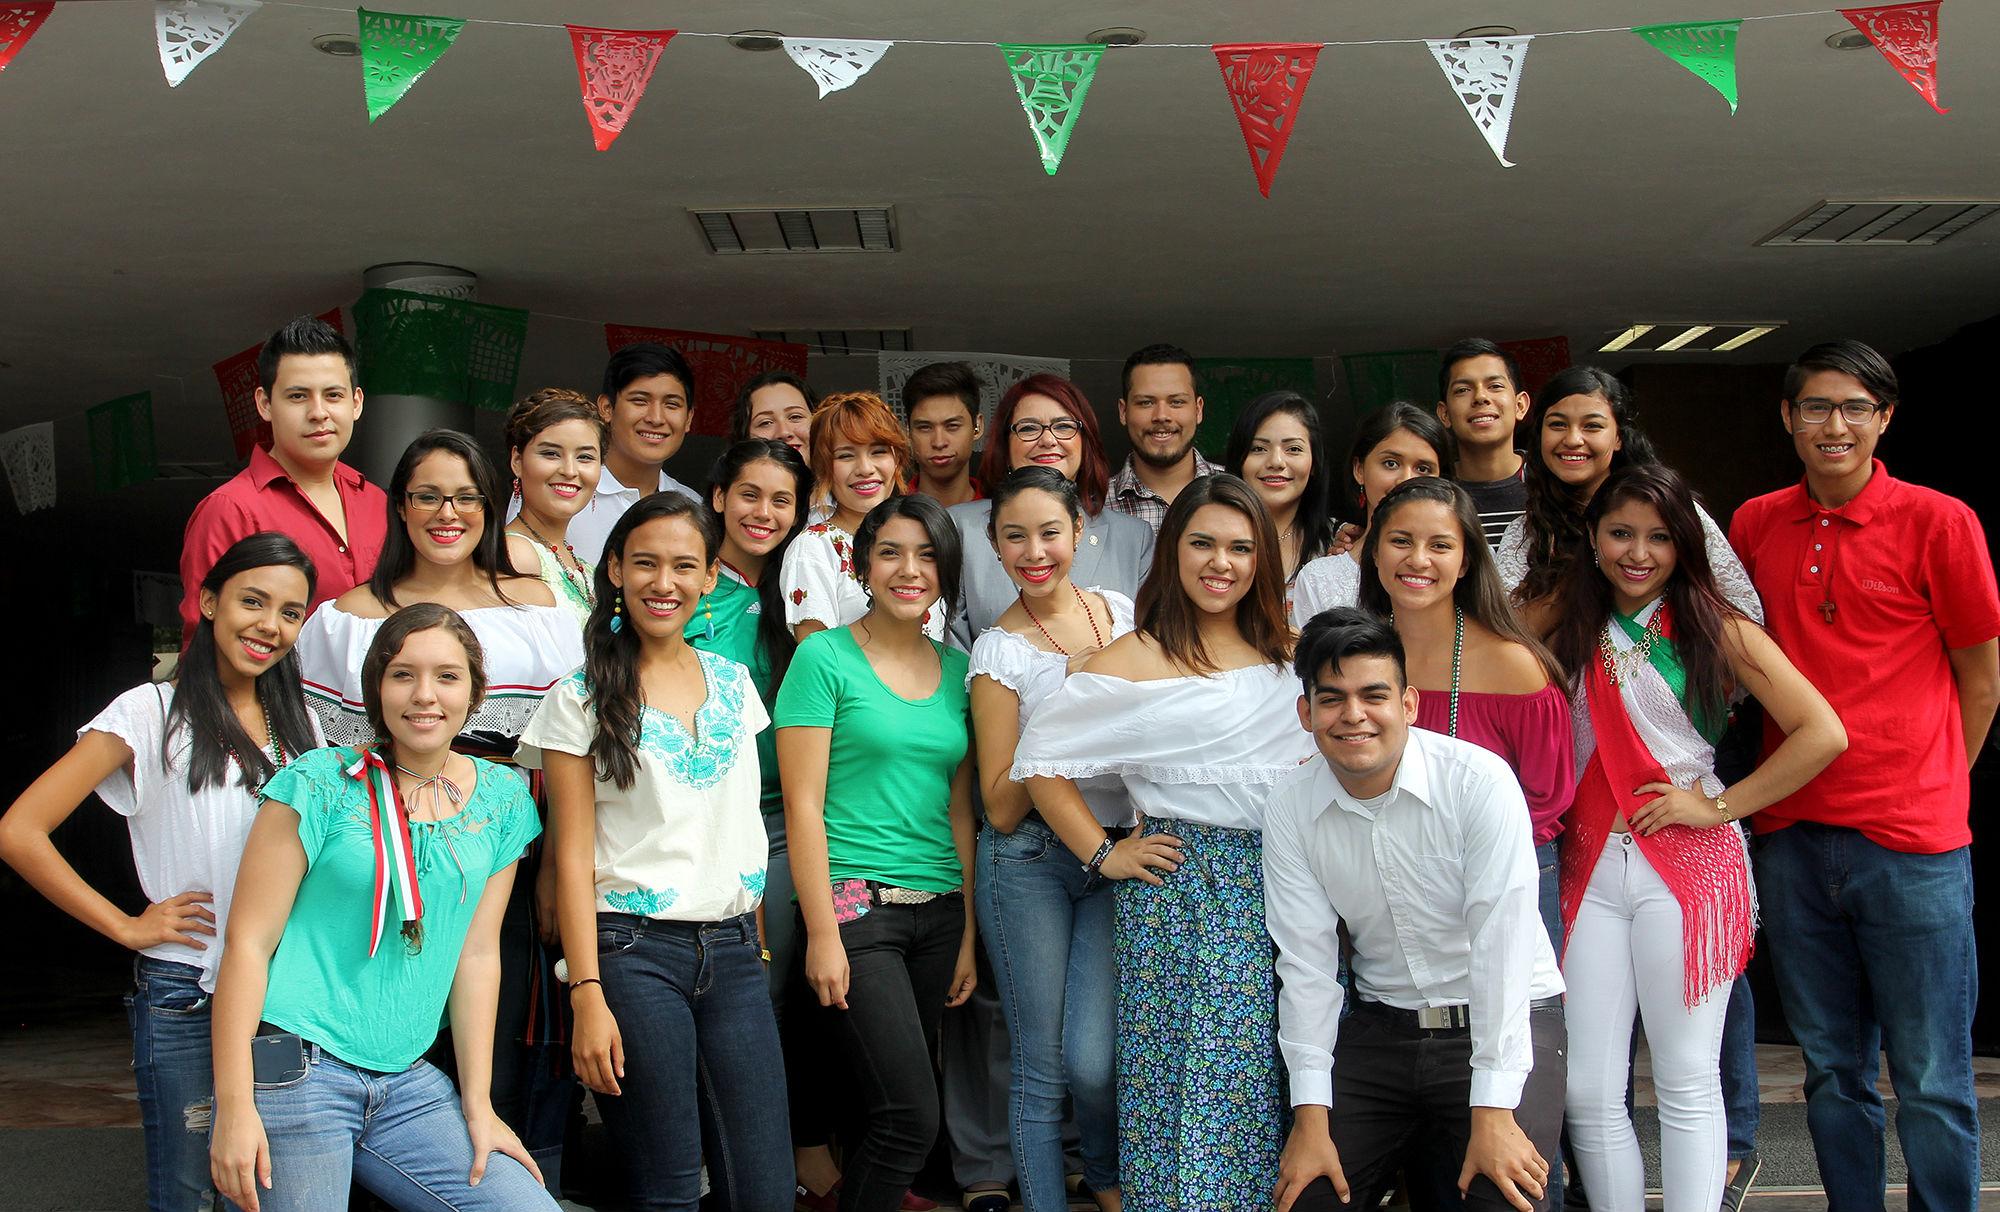 En la Facultad de Contaduría Pública y Administración se celebró el aniversario del Grito de Independencia